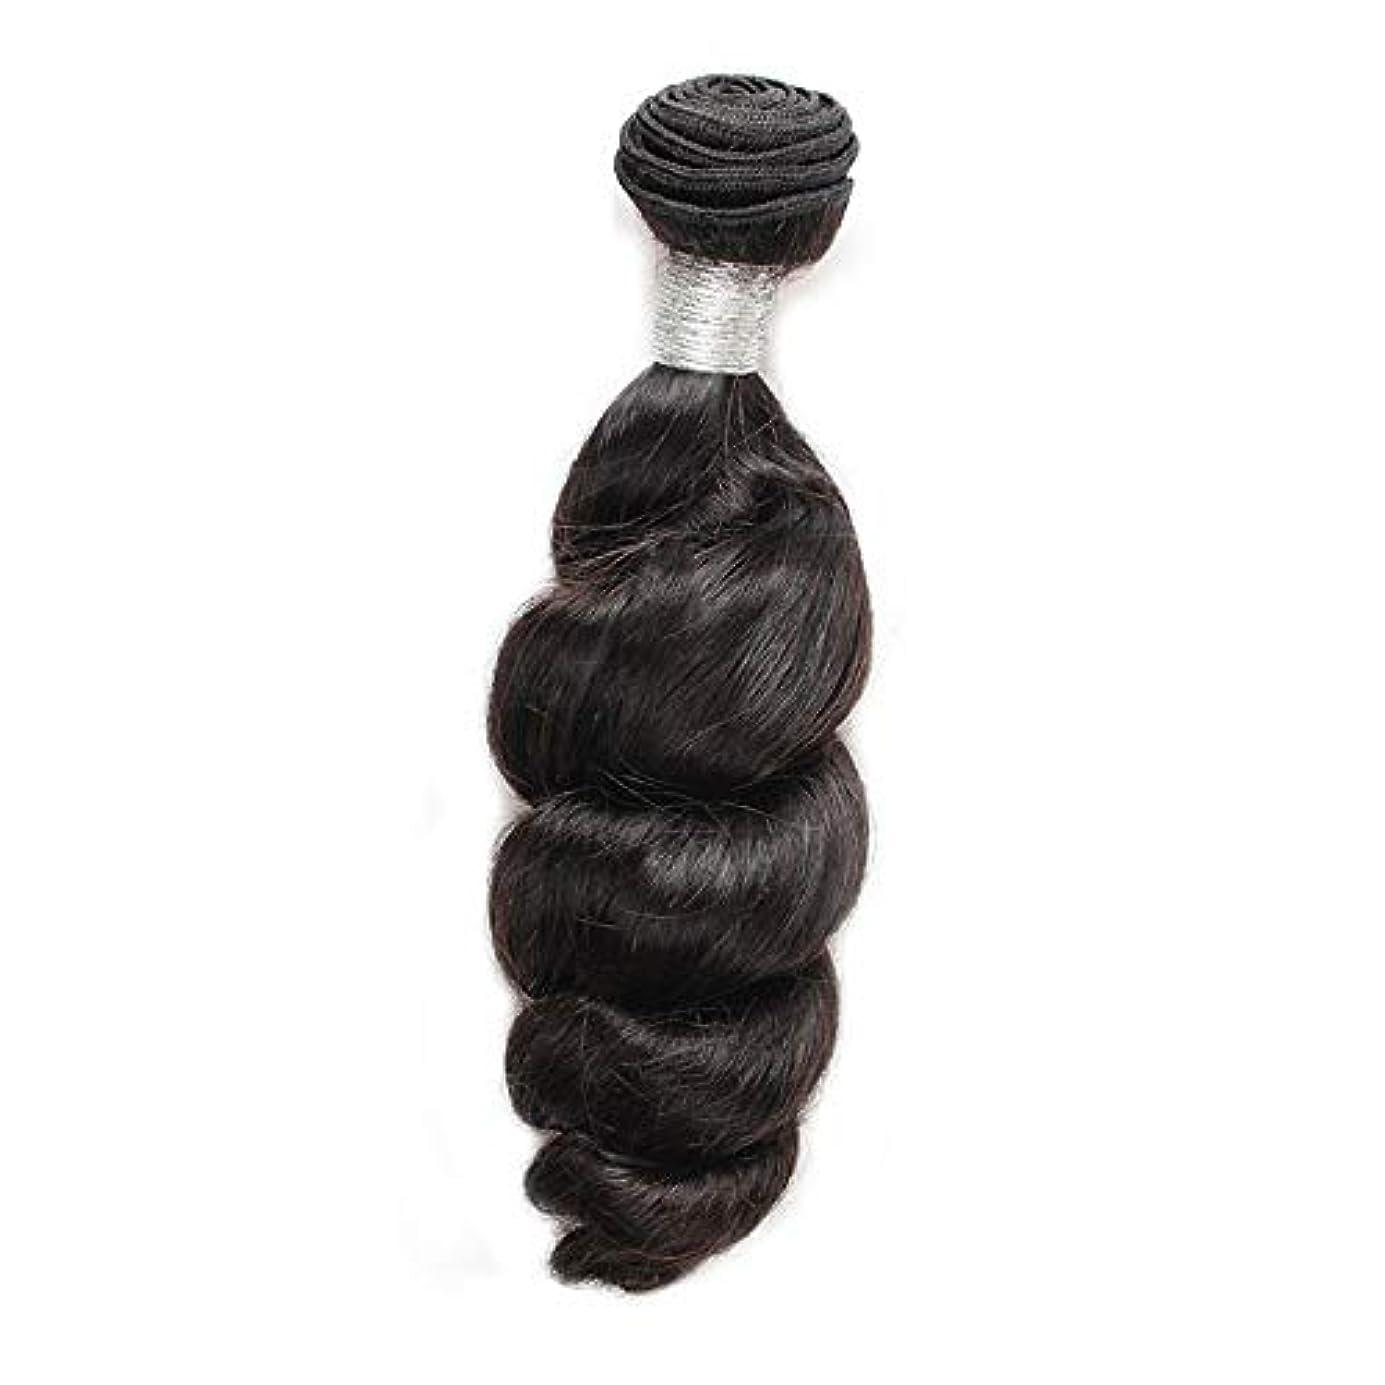 オートマトン黙シャックルHOHYLLYA 女性の人間の髪の毛ブラジルのバージンルースウェーブの束横糸ナチュラルブラック100g /個1枚入り(12インチ-26インチ)合成髪レースかつらロールプレイングかつらストレートシリンダーショートスタイル女性自然 (色 : ブラック, サイズ : 14 inch)